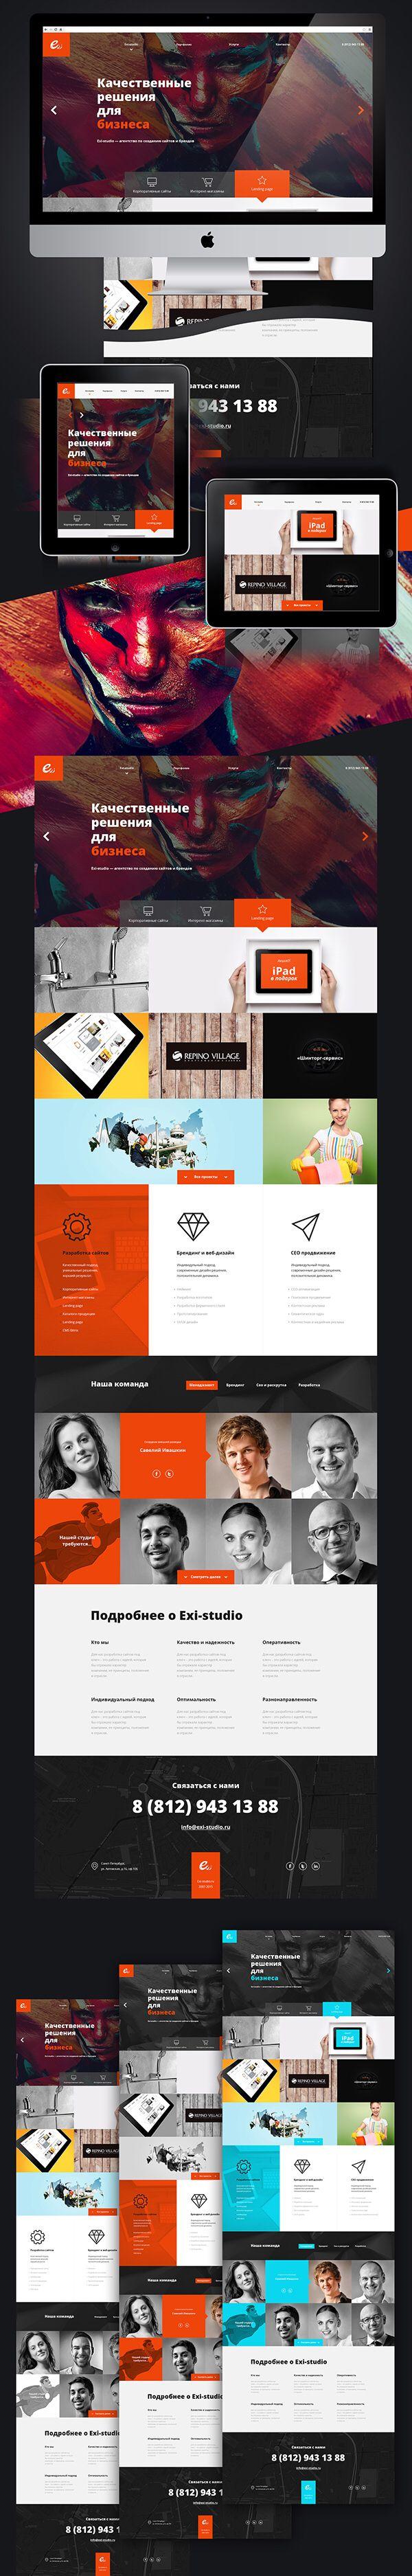 96 best web design images on pinterest website designs ui design